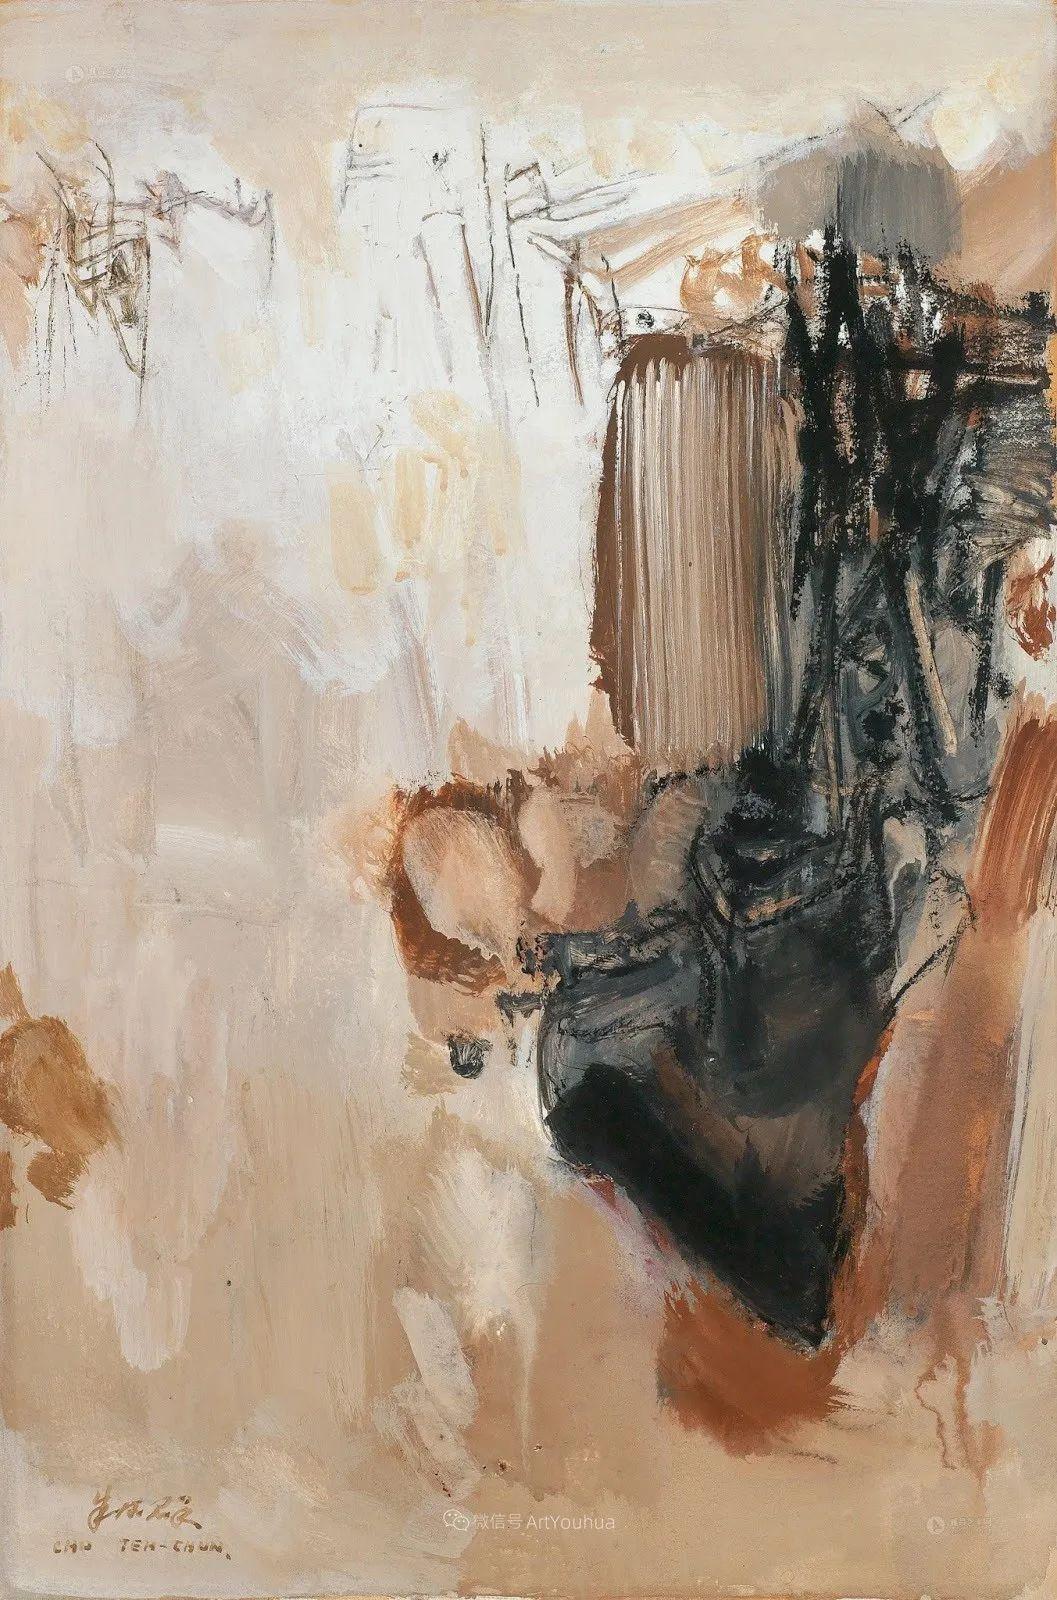 以色彩写诗,具象转抽象,朱德群作品欣赏 (高清)插图73